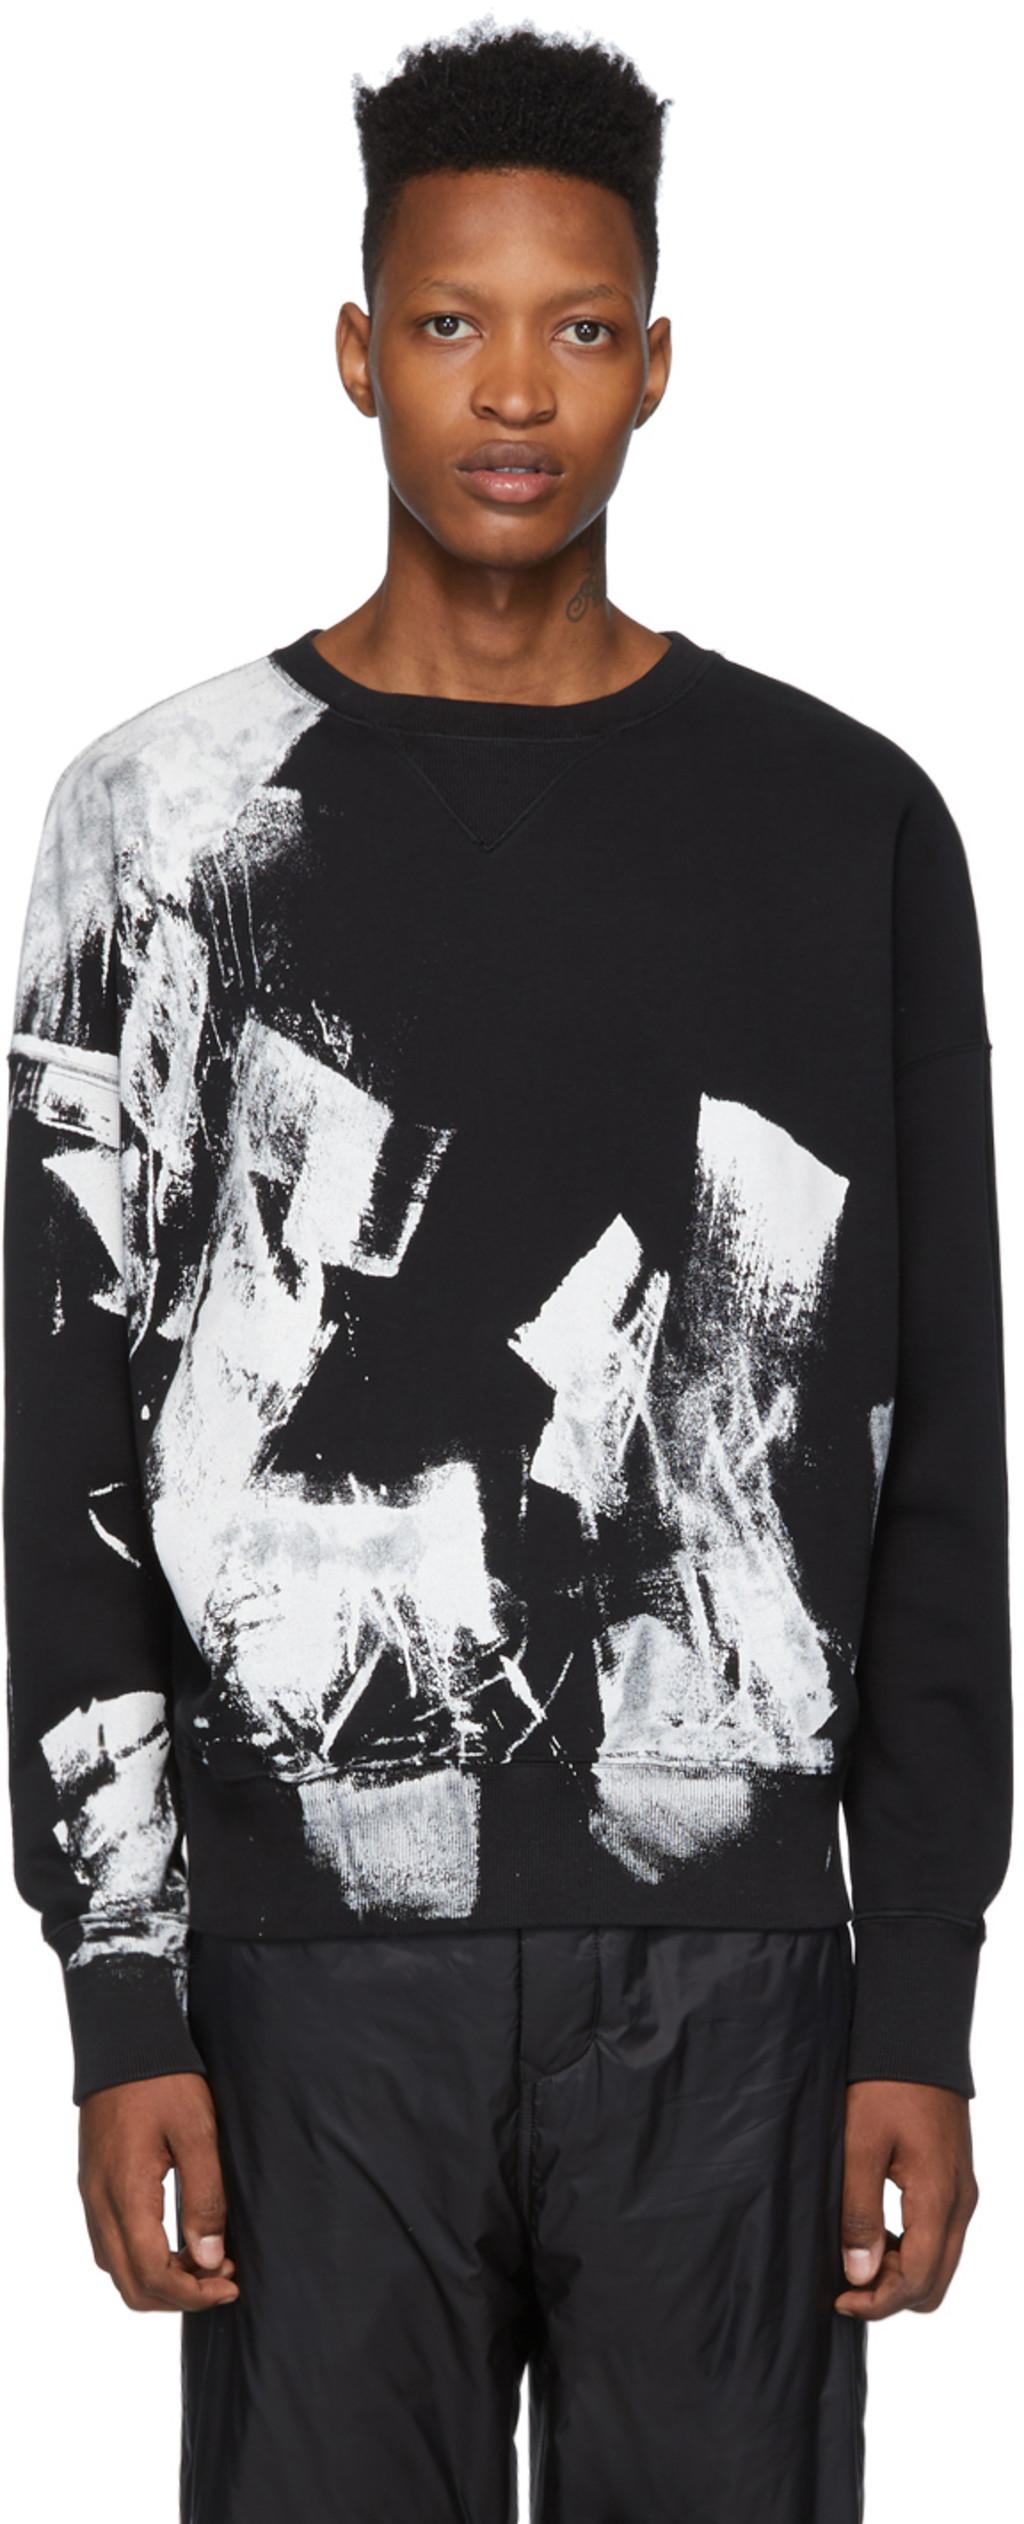 1432403c90 White & Black Tag Sweatshirt